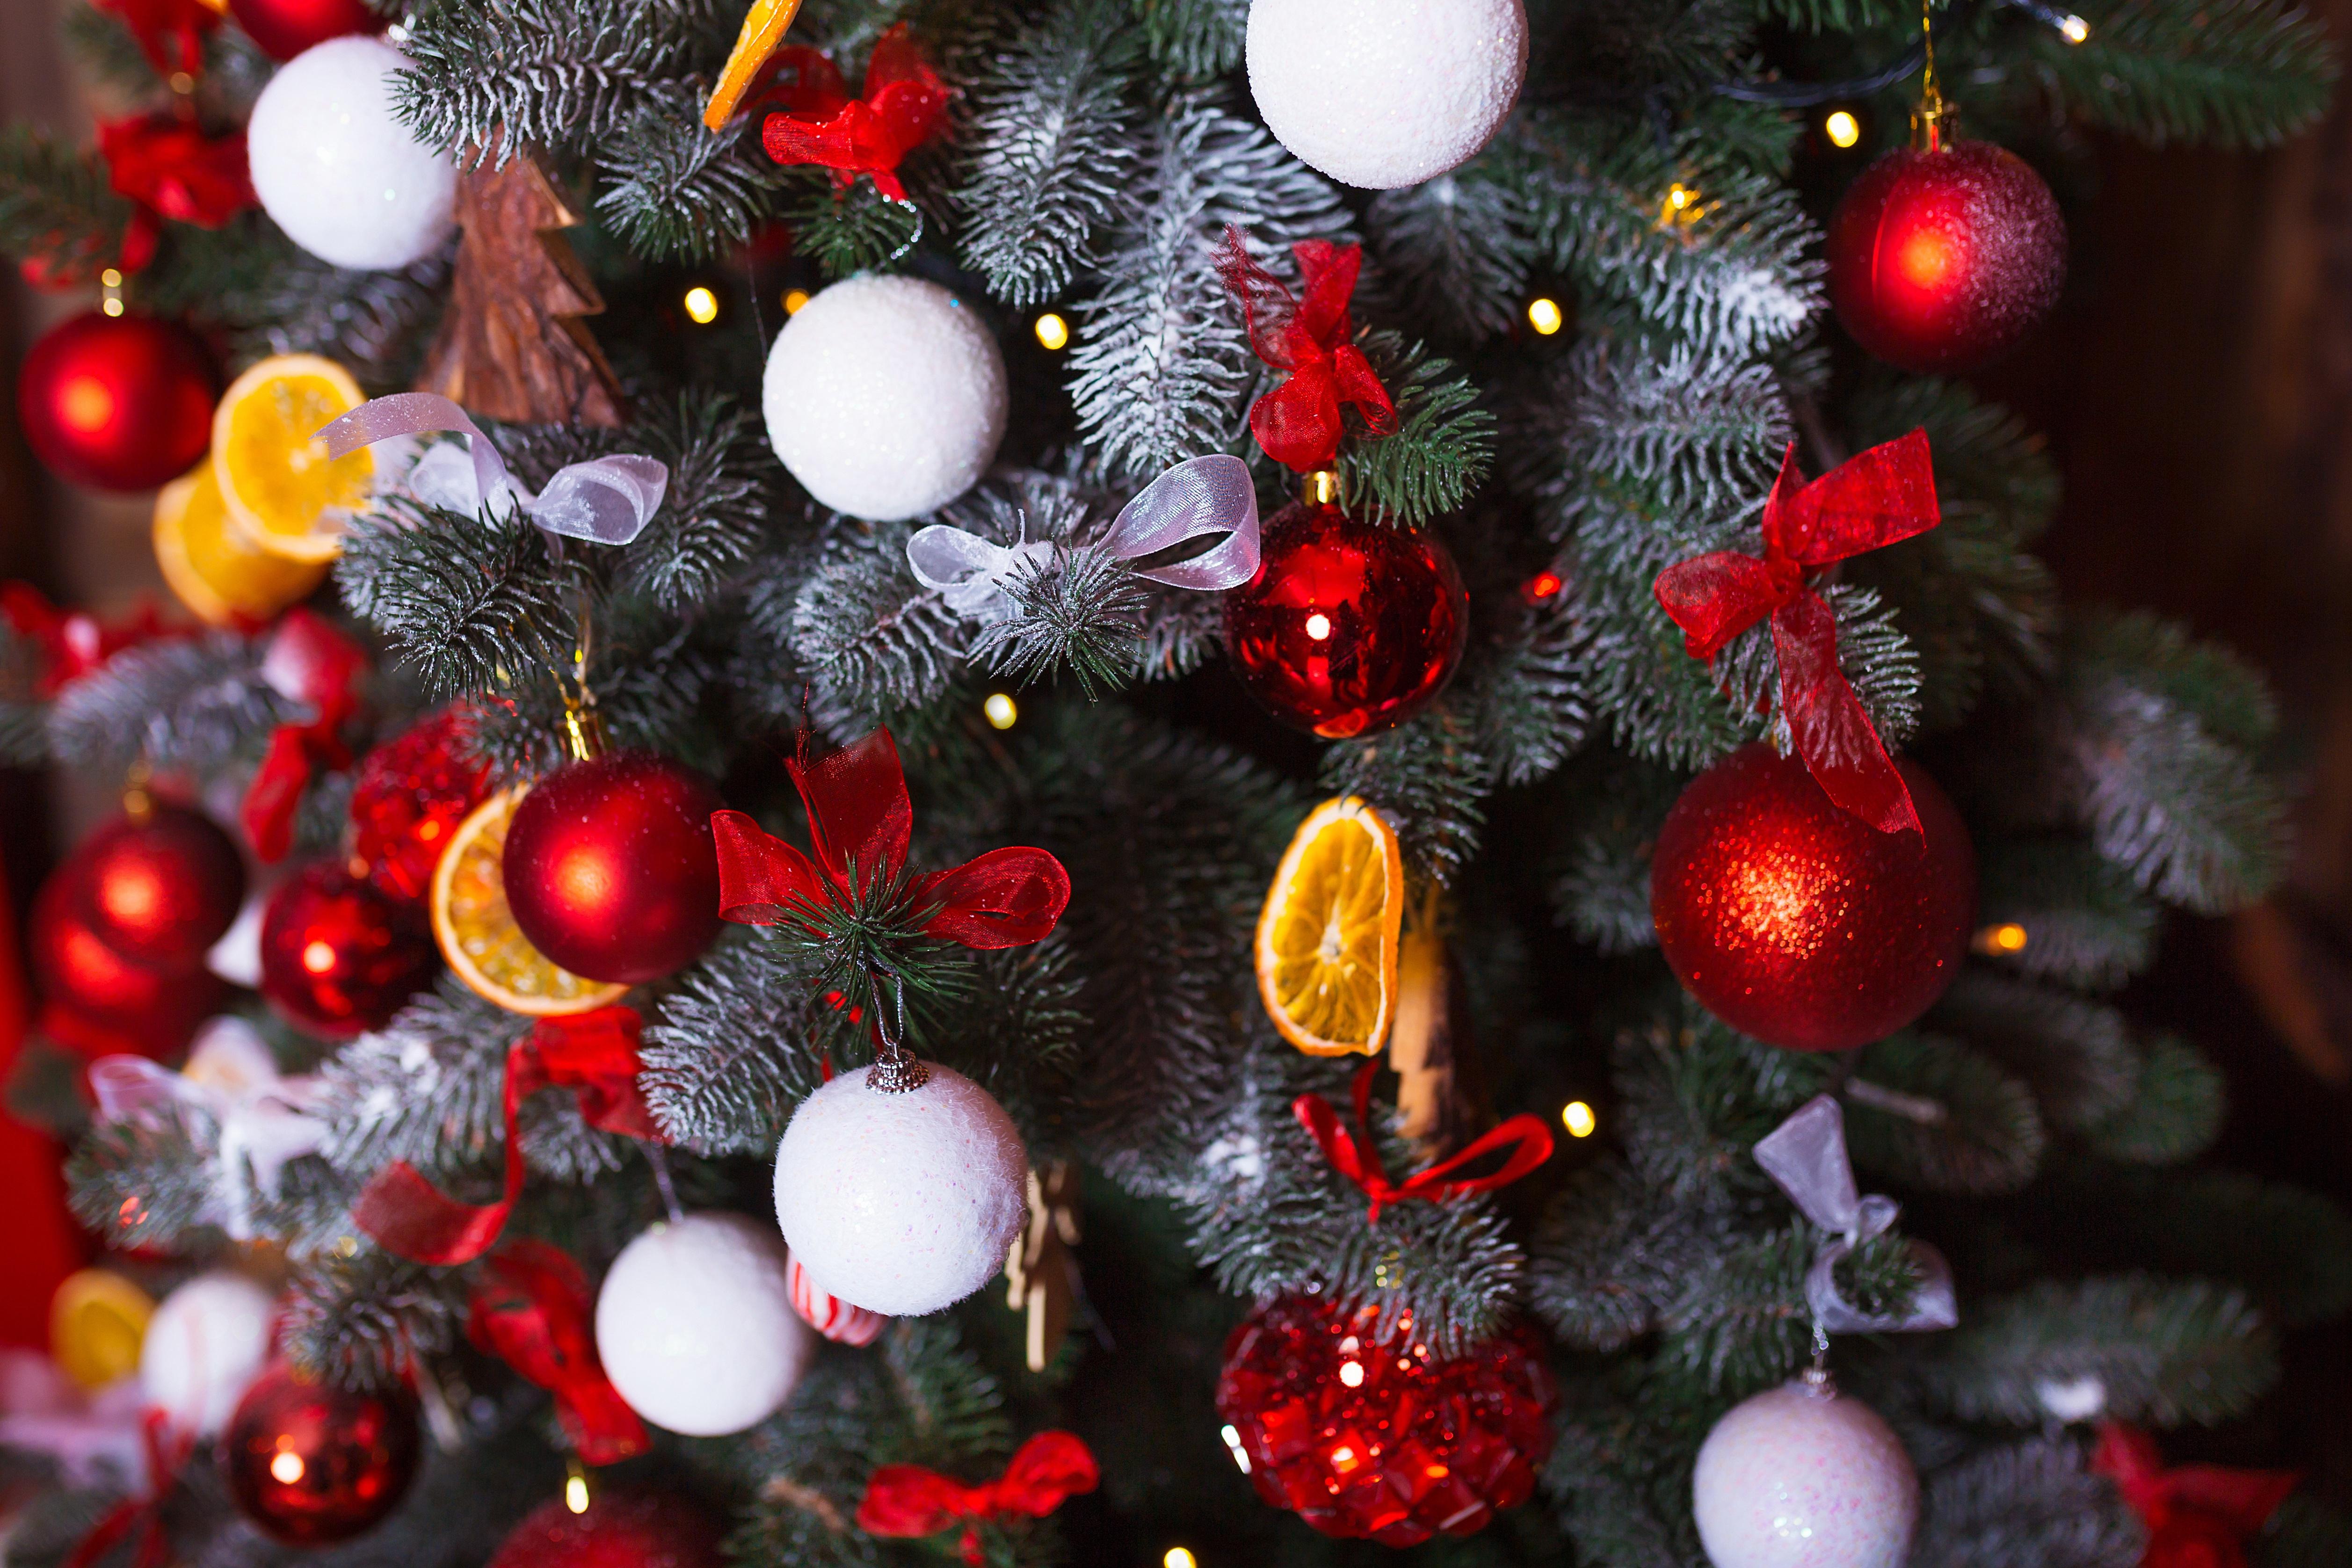 Картинки обои новогодние для телефона